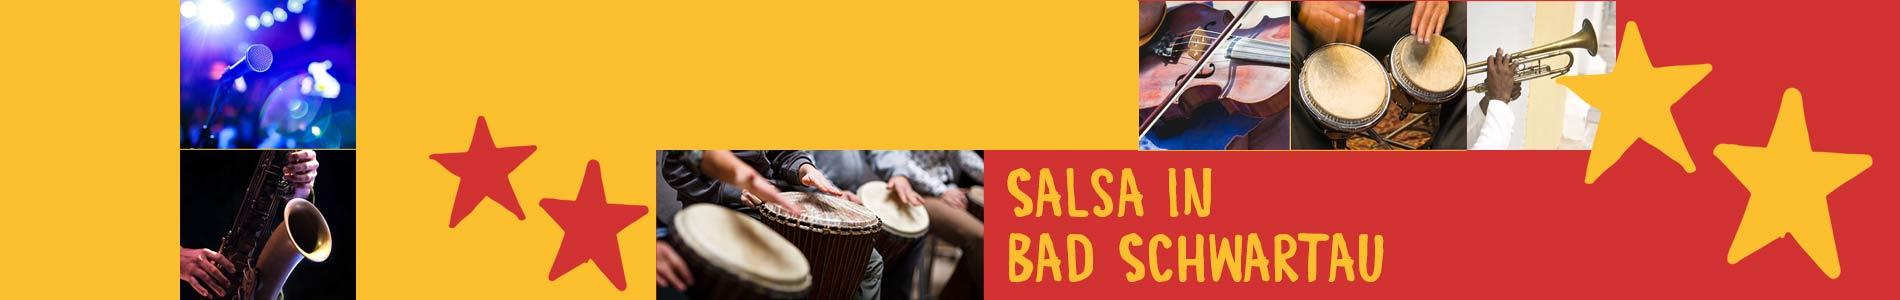 Salsa in Bad Schwartau – Salsa lernen und tanzen, Tanzkurse, Partys, Veranstaltungen